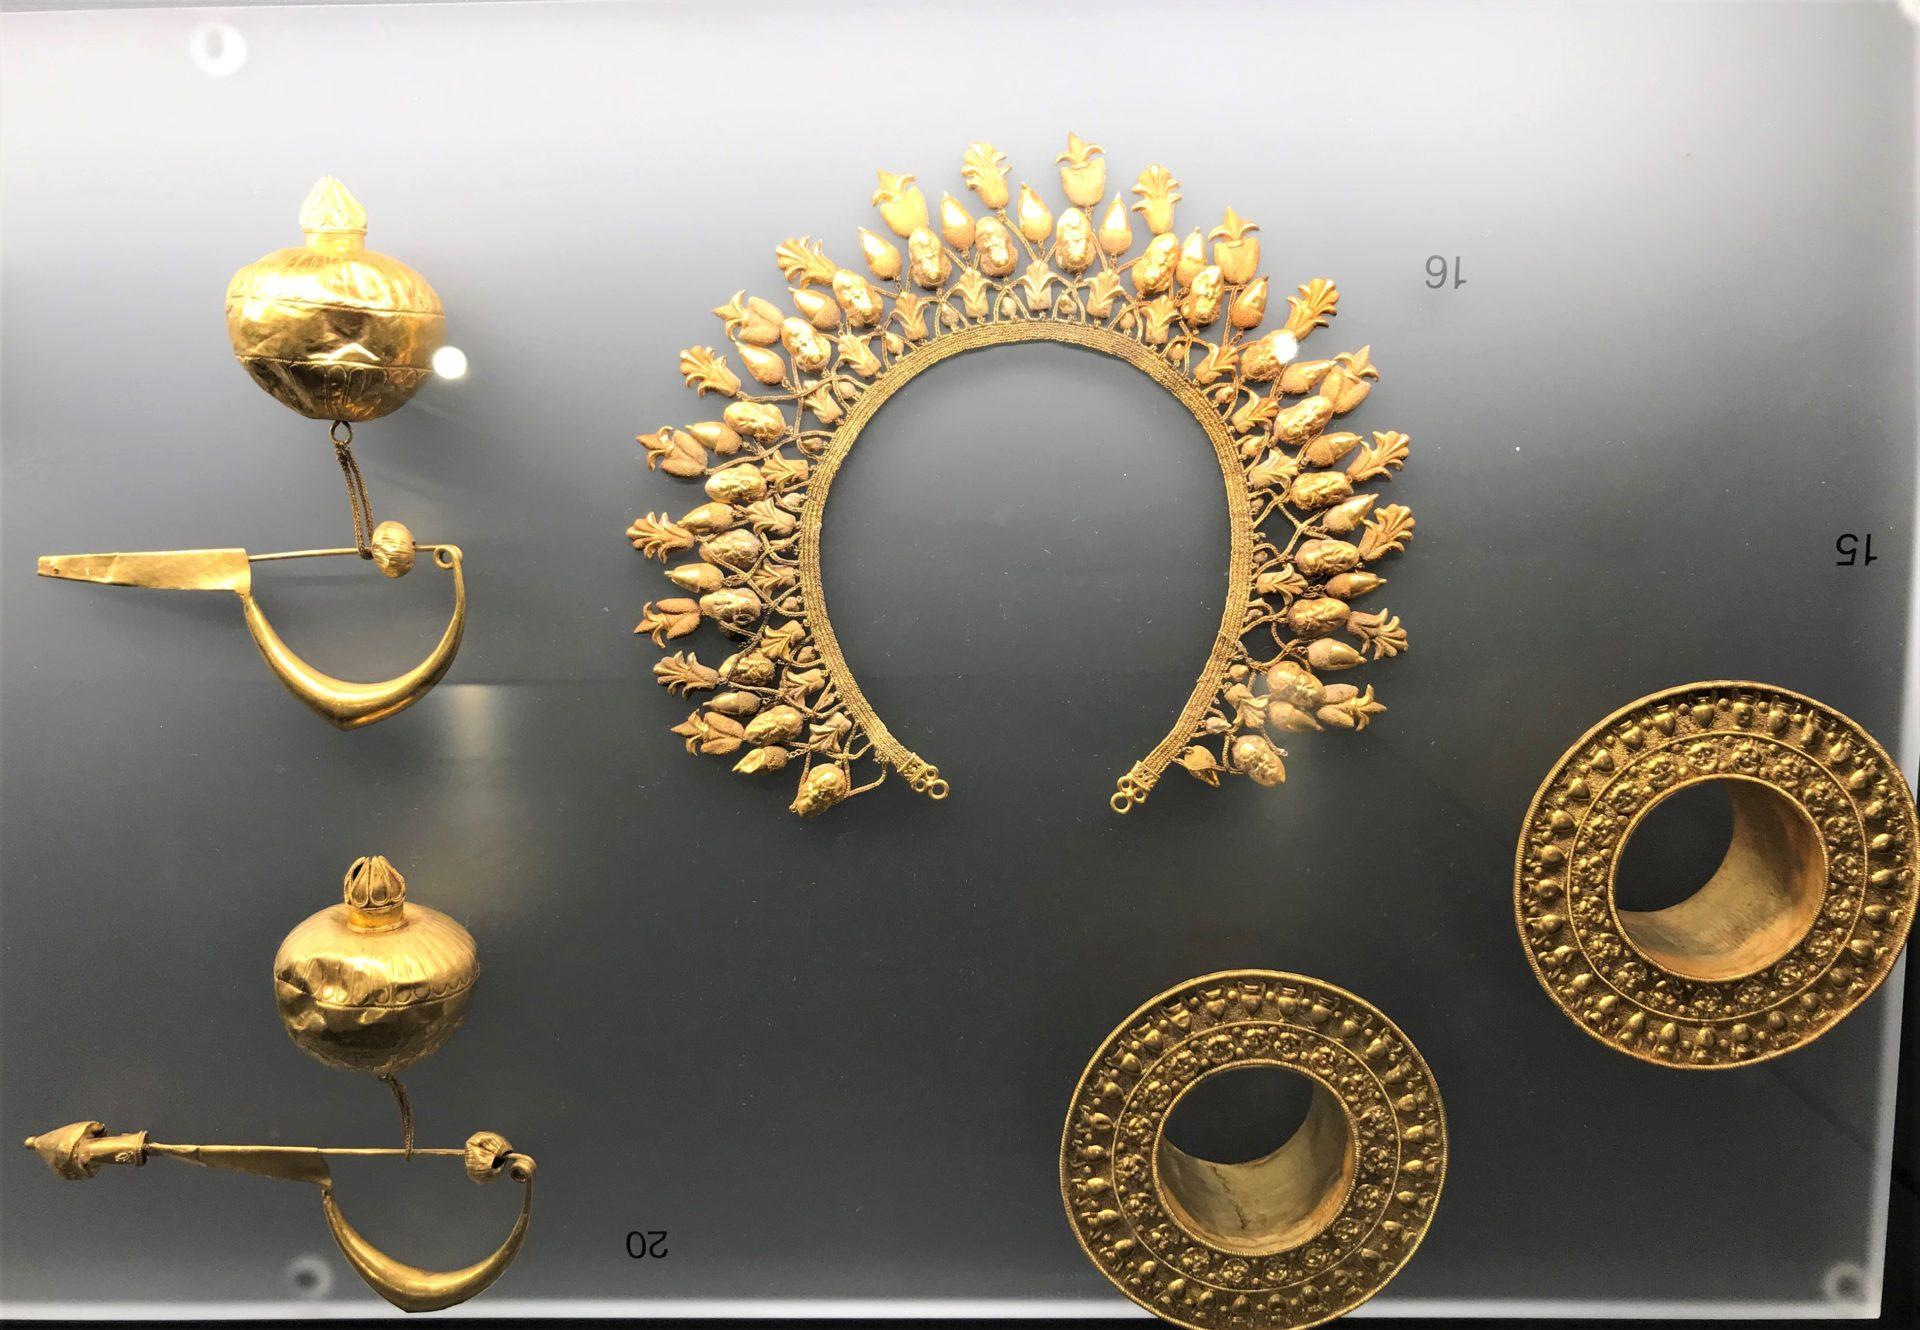 Goldschmuck, griechische Abteilung